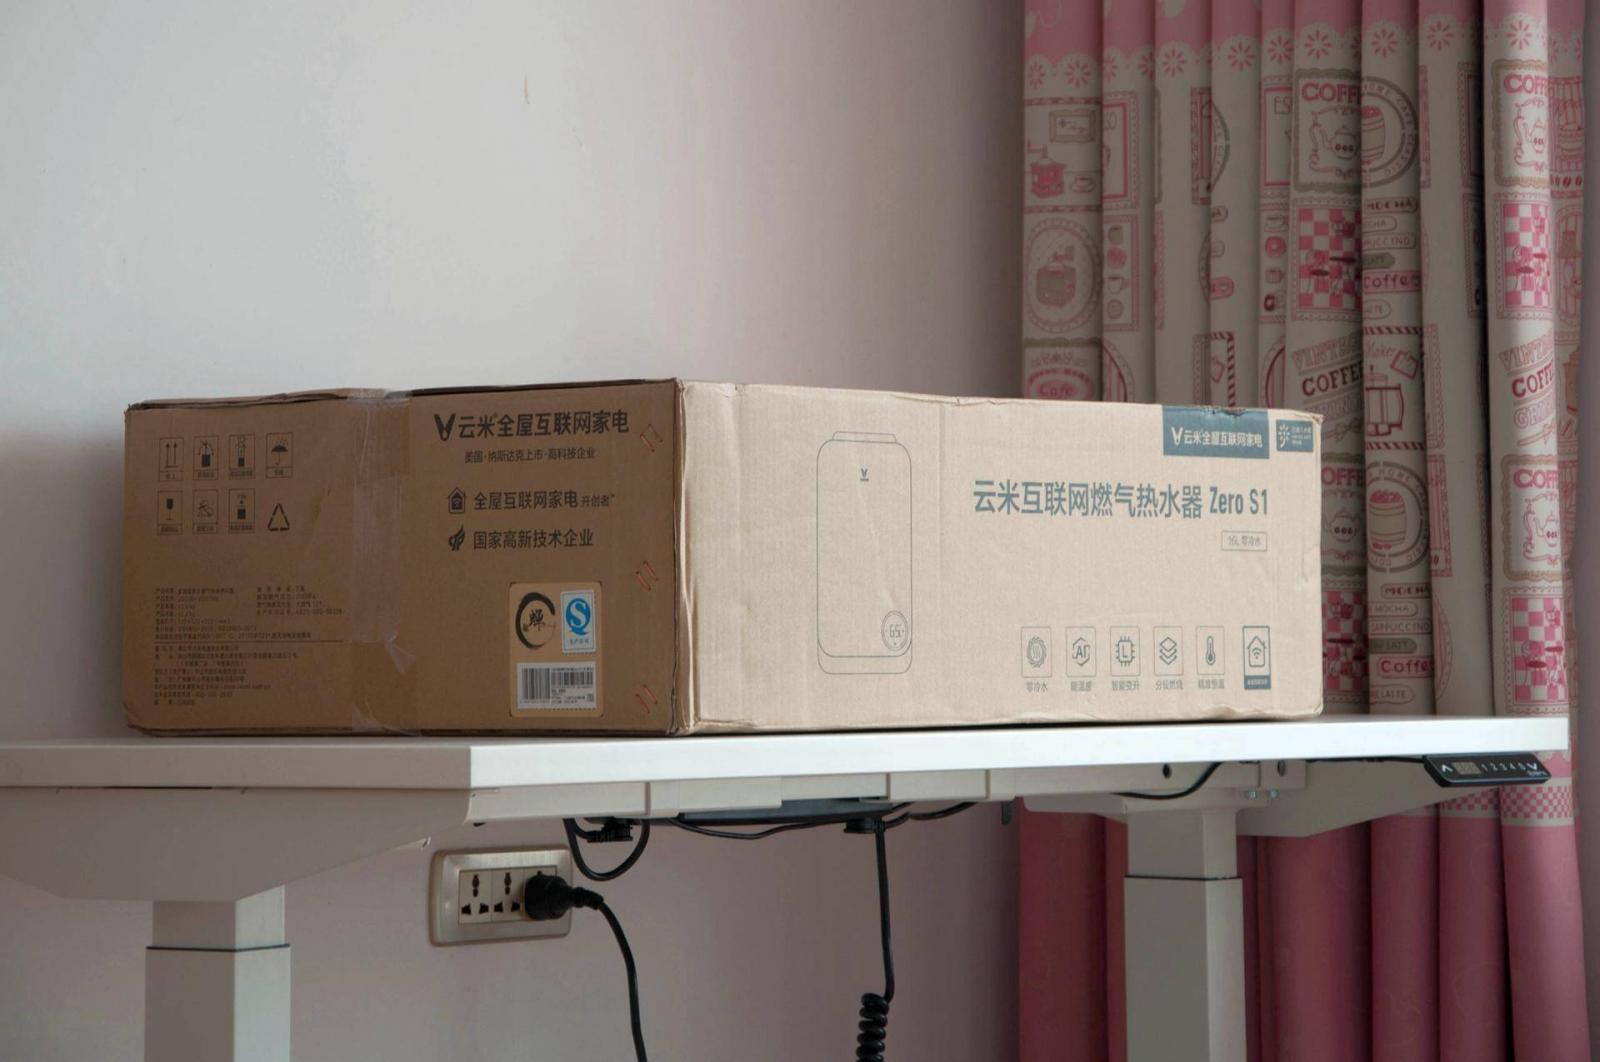 云米零冷水燃气热水器S1貂蝉:高颜值四重抑菌,16升全家够用